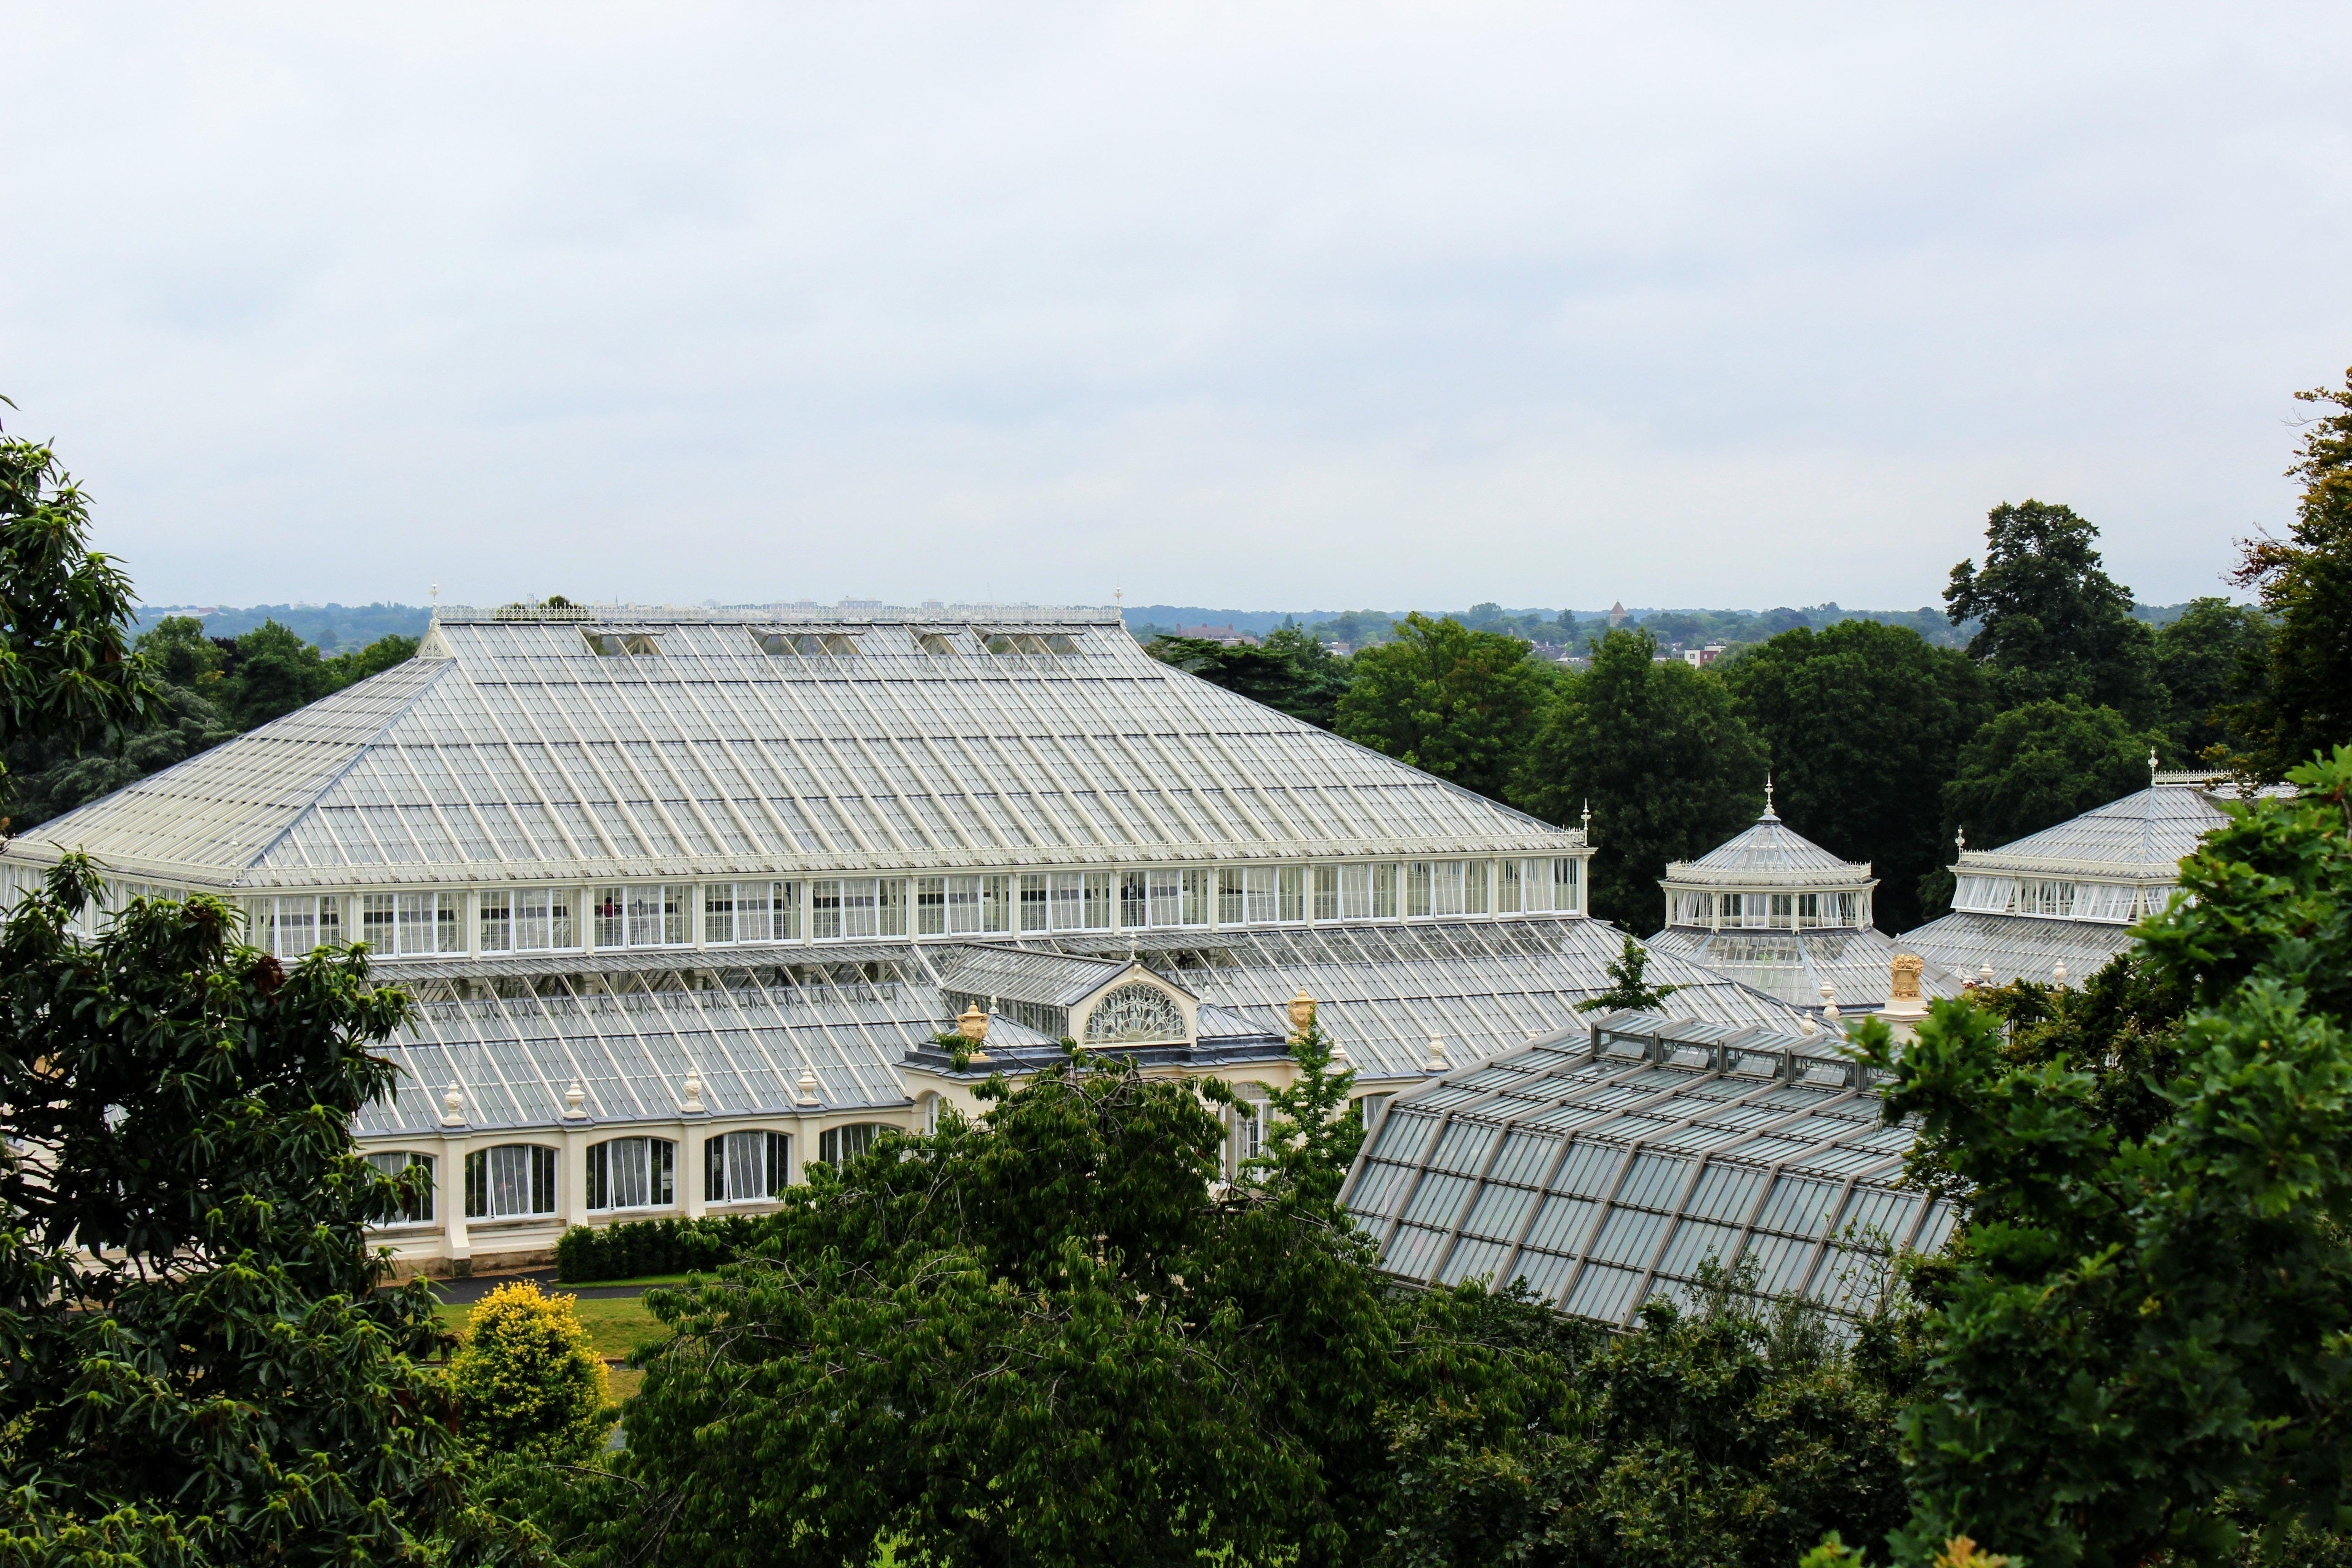 キューガーデンとは?ロンドンにある王立植物園の魅力をお届け!